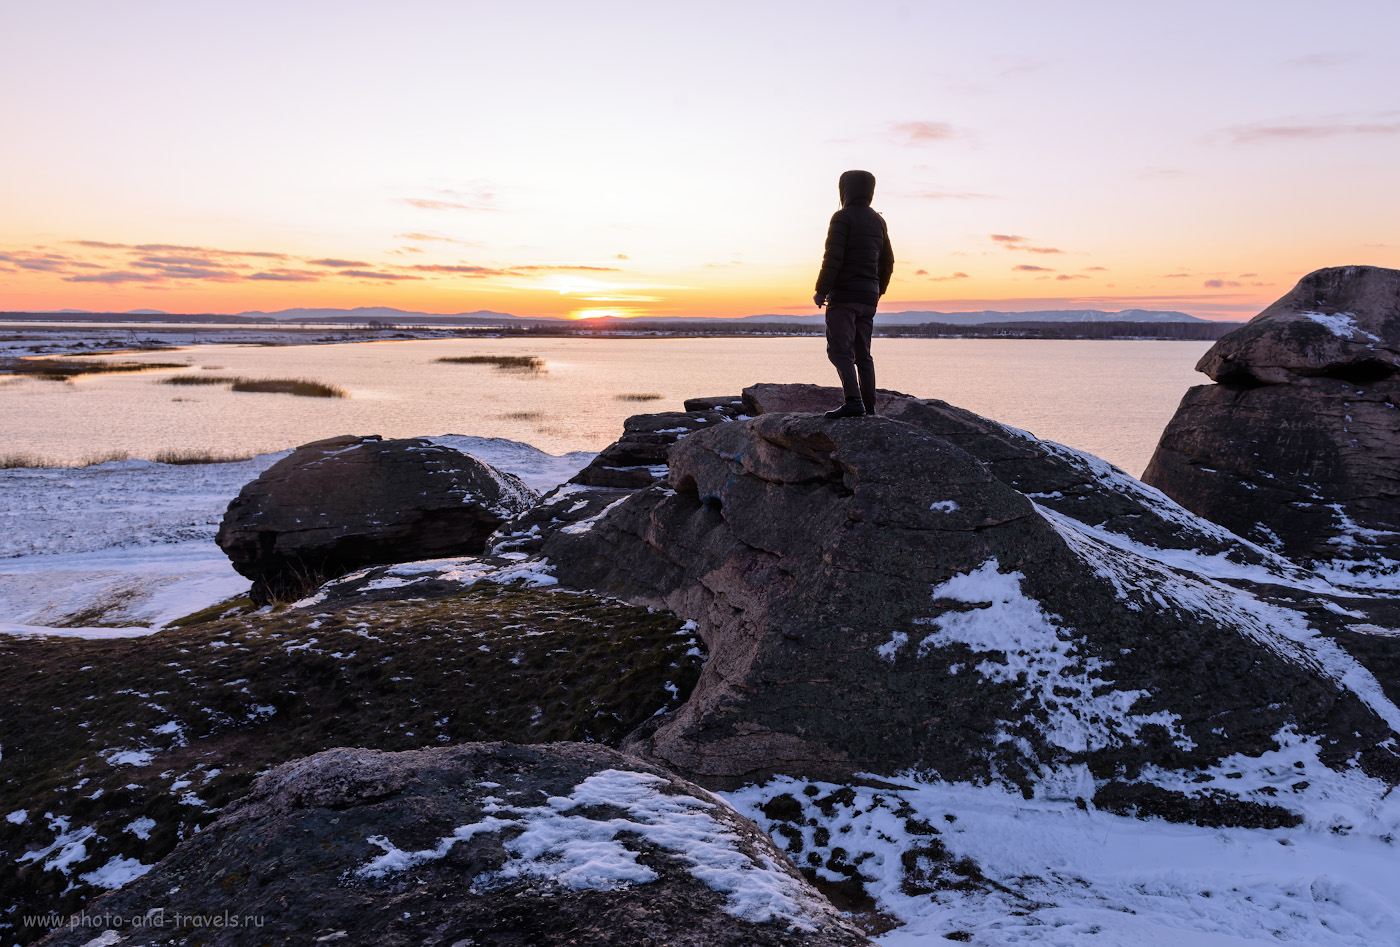 24. Автопортрет. Снято на скалах Большие Аллаки по дороге домой с Каменных ворот.